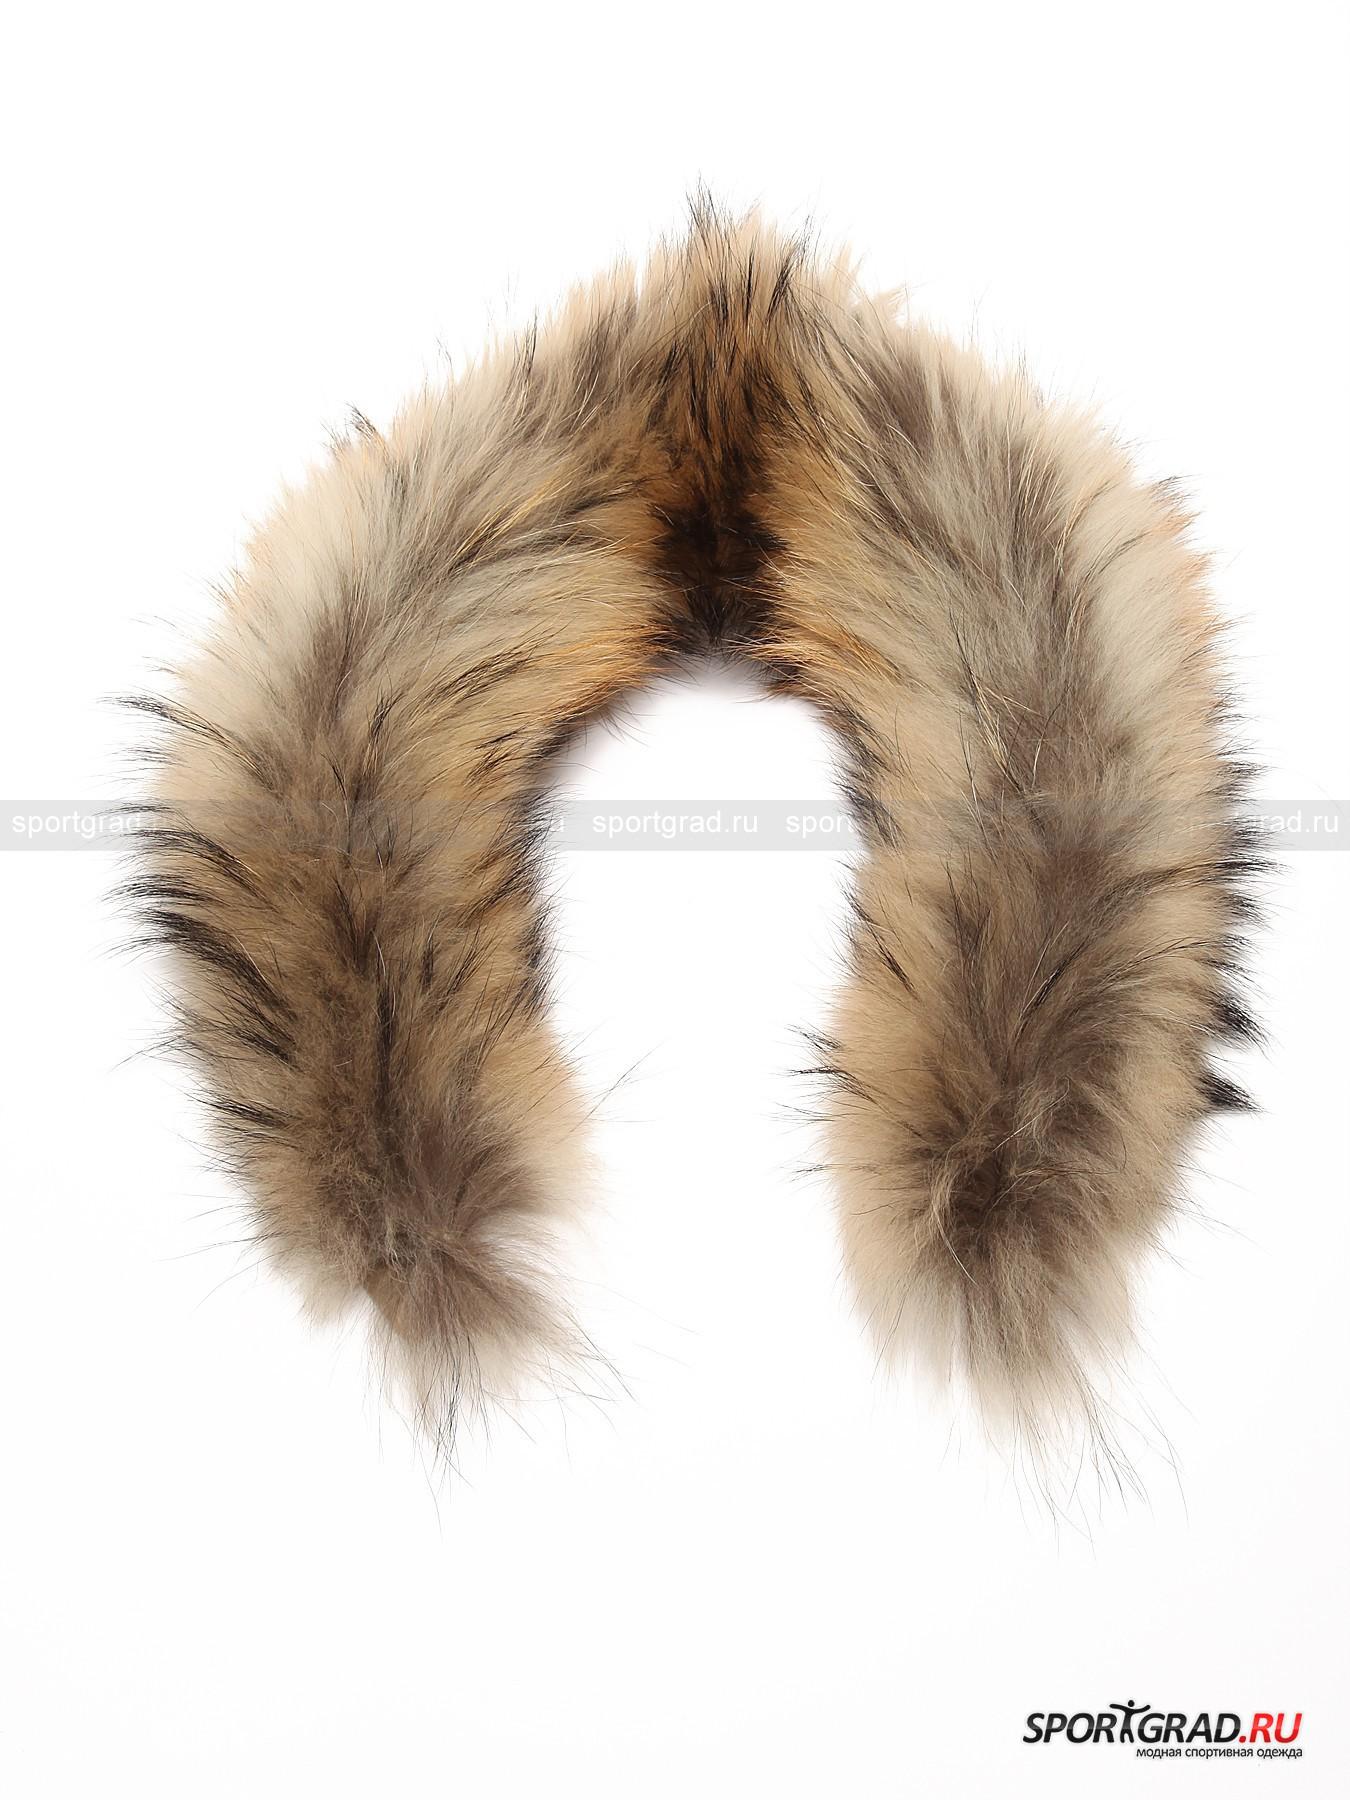 Съемный мех Nuara2 BOGNERГоловные Уборы<br>Немецкий бренд Bogner со всей щепетильностью относится к мелочам в производстве. Для компании важно, чтобы все вещи были выпущены в лучшем качестве и максимально подходили потенциальному покупателю.<br><br>На зимний период нет ничего важнее зимних курток, но по-настоящему стильной и привлекательной ее делает отделка капюшона мехом. При этом это не только красивая декорация, но и полезное дополнение, которое позволяет защитить лицо от сильных порывов холодного ветра. Шкурка животного специально адаптирована под куртки Bogner и снабжена планкой с металлическими кнопками.<br><br>•Финский енот<br>•Универсальная застежка<br>•Фирменный логотип компании<br><br>Возраст: Взрослый<br>Тип: Головные Уборы<br>Рекомендации по уходу: Не стирать, не отбеливать, не гладить, не сушить в барабане стиральной машины, химчистка разрешена.<br>Состав: Натуральный мех.